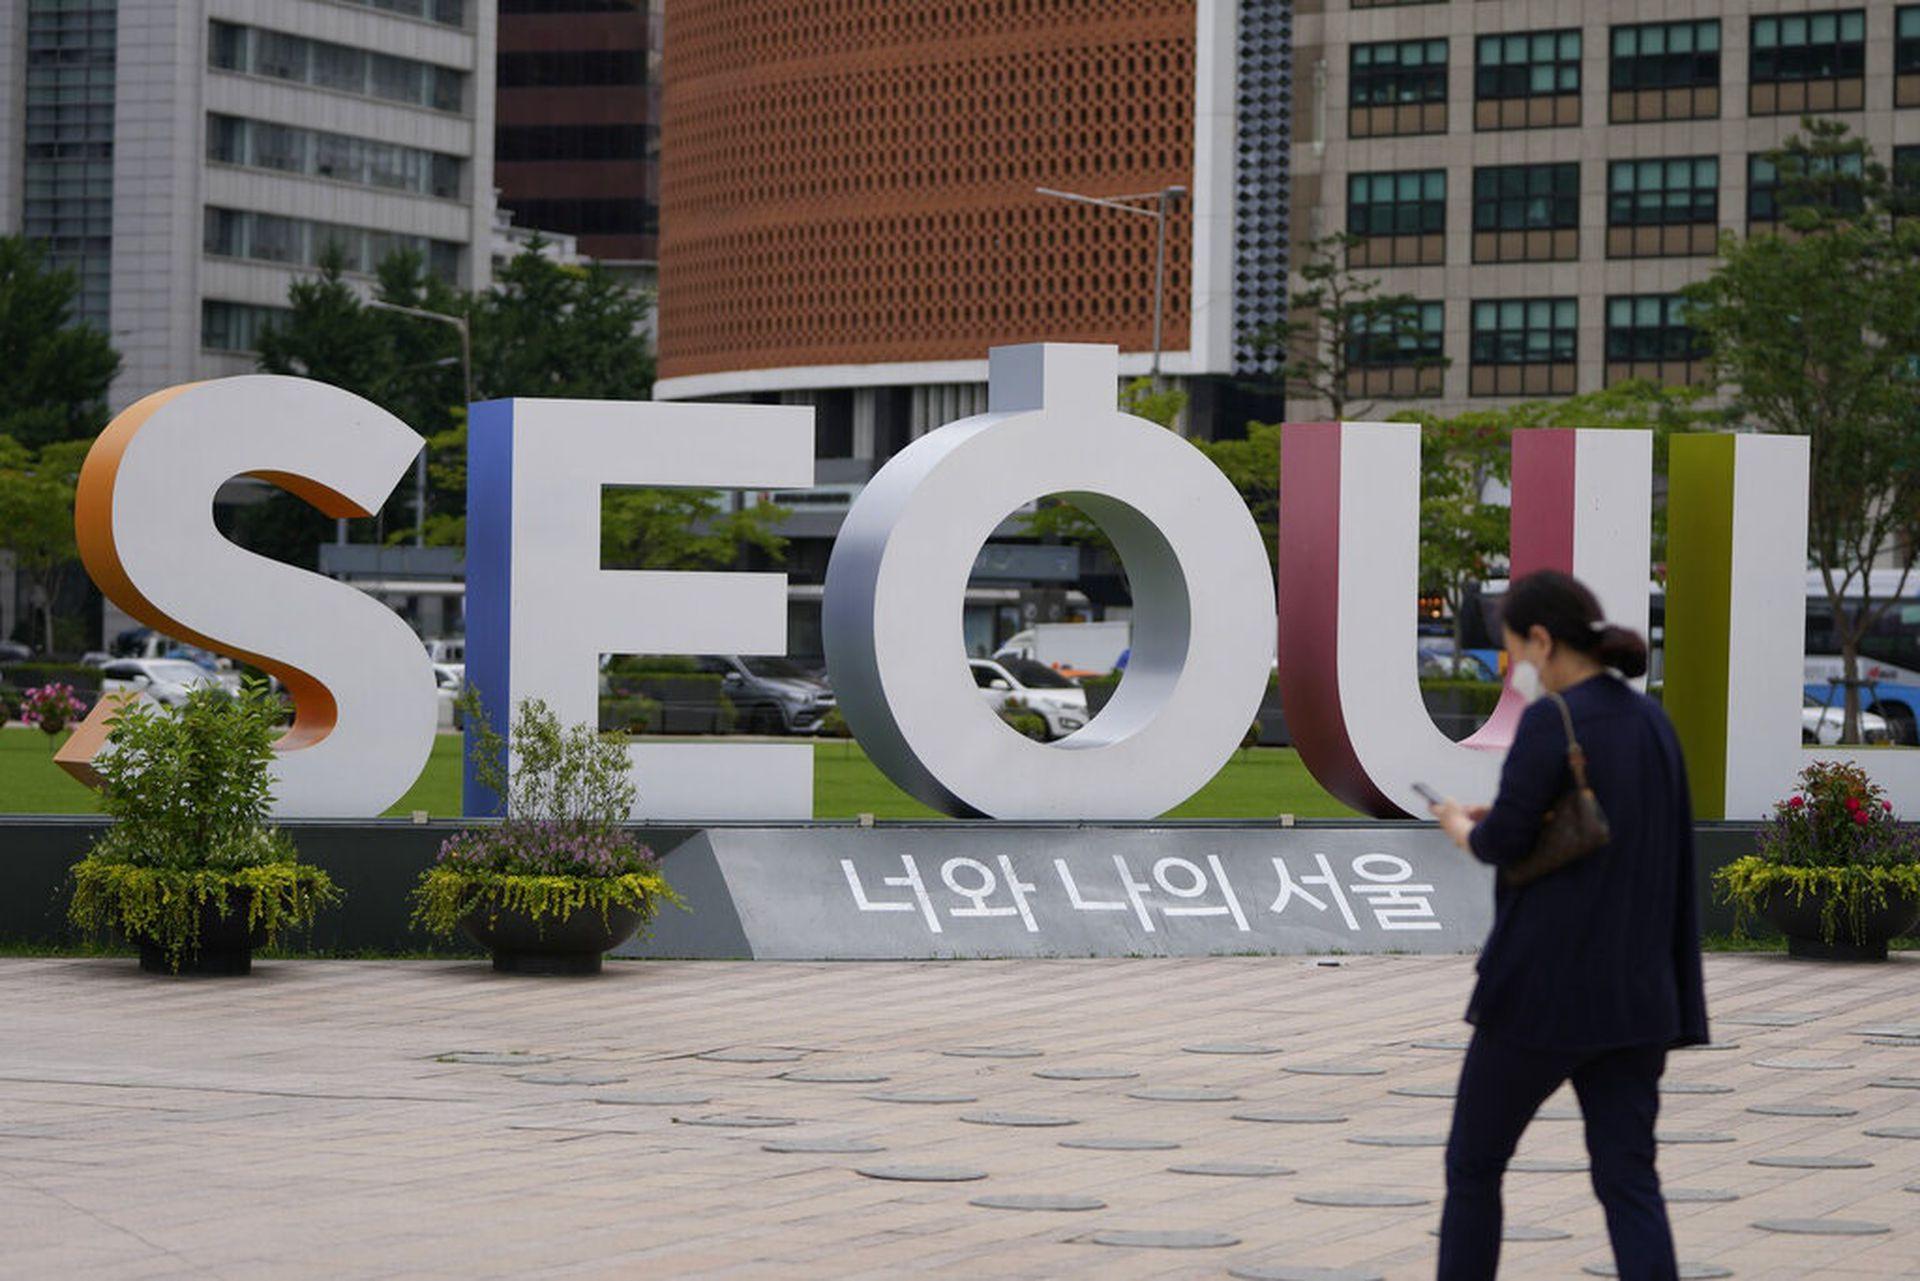 為什麼韓國變成了發達國家,中國人民卻更不屑了